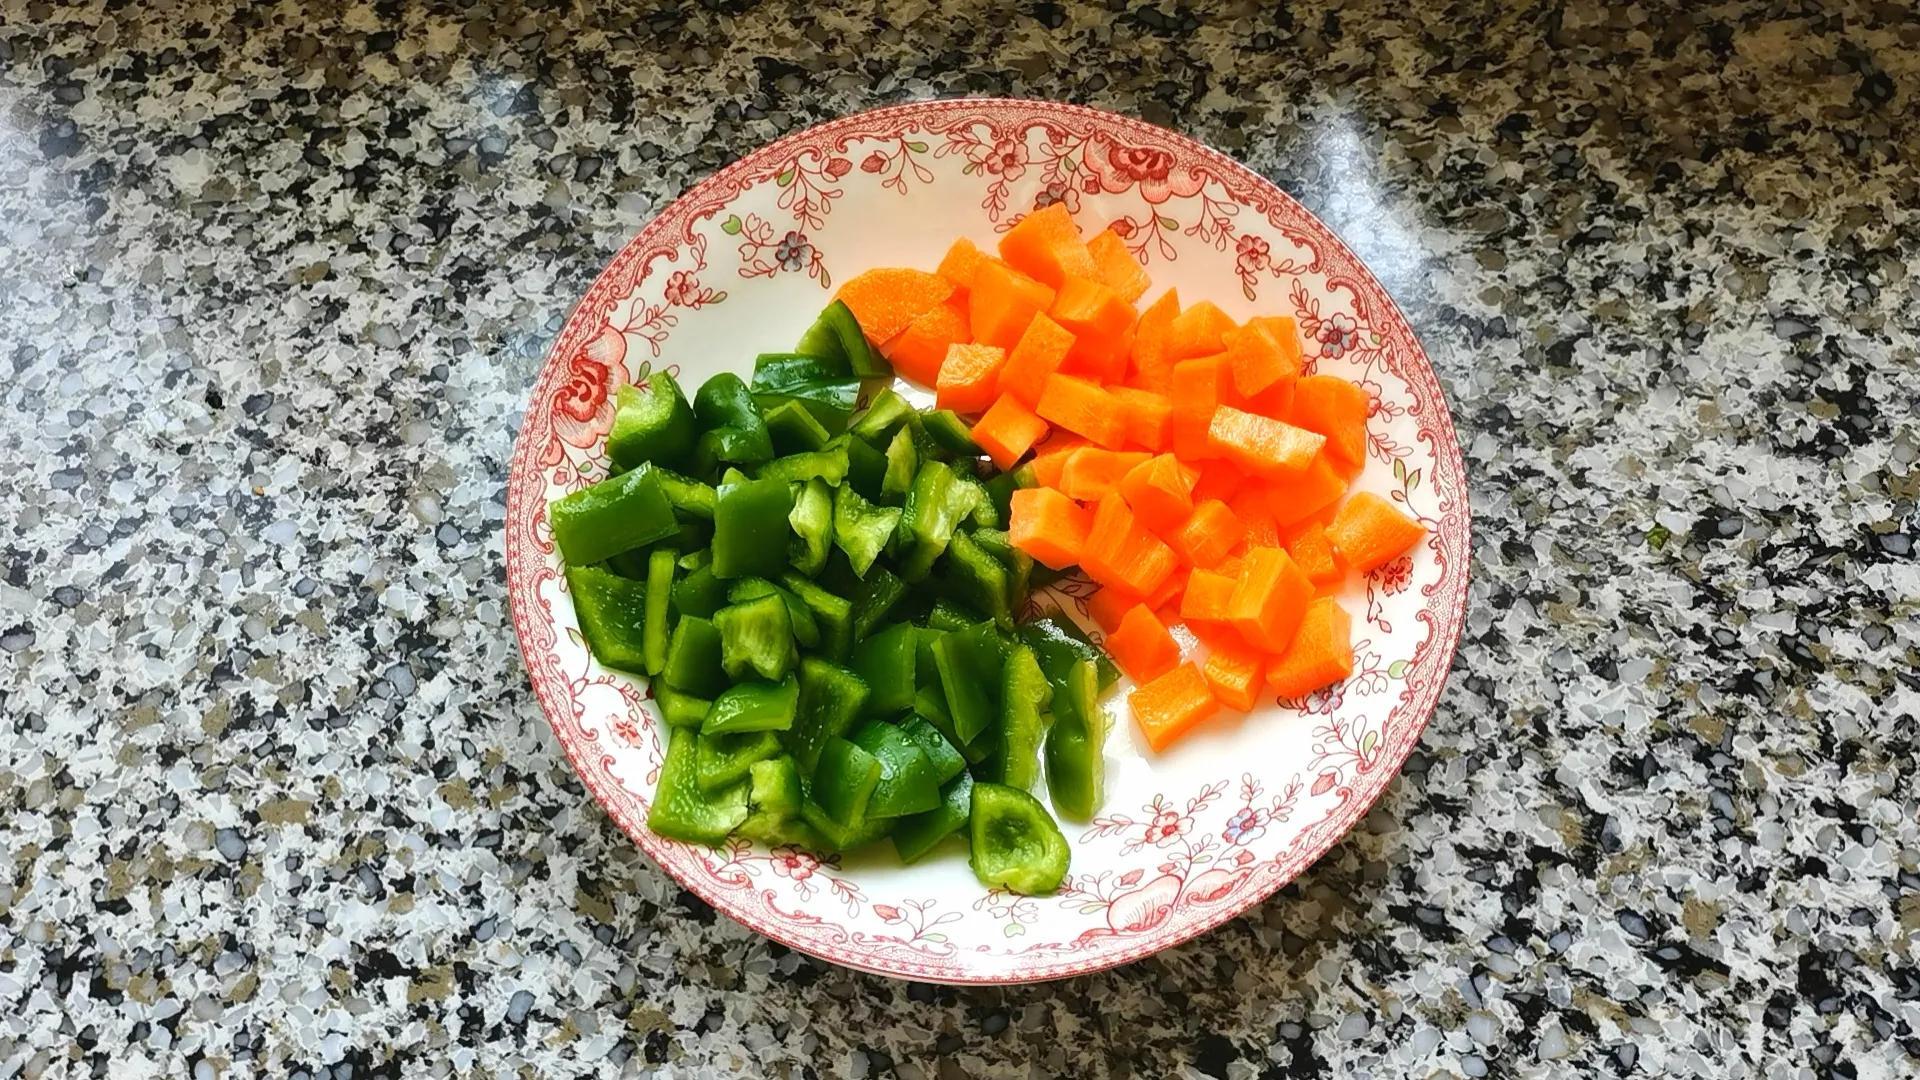 土豆的神仙吃法,连孩子都能多吃半碗饭,制作简单,好吃又营养 美食做法 第4张